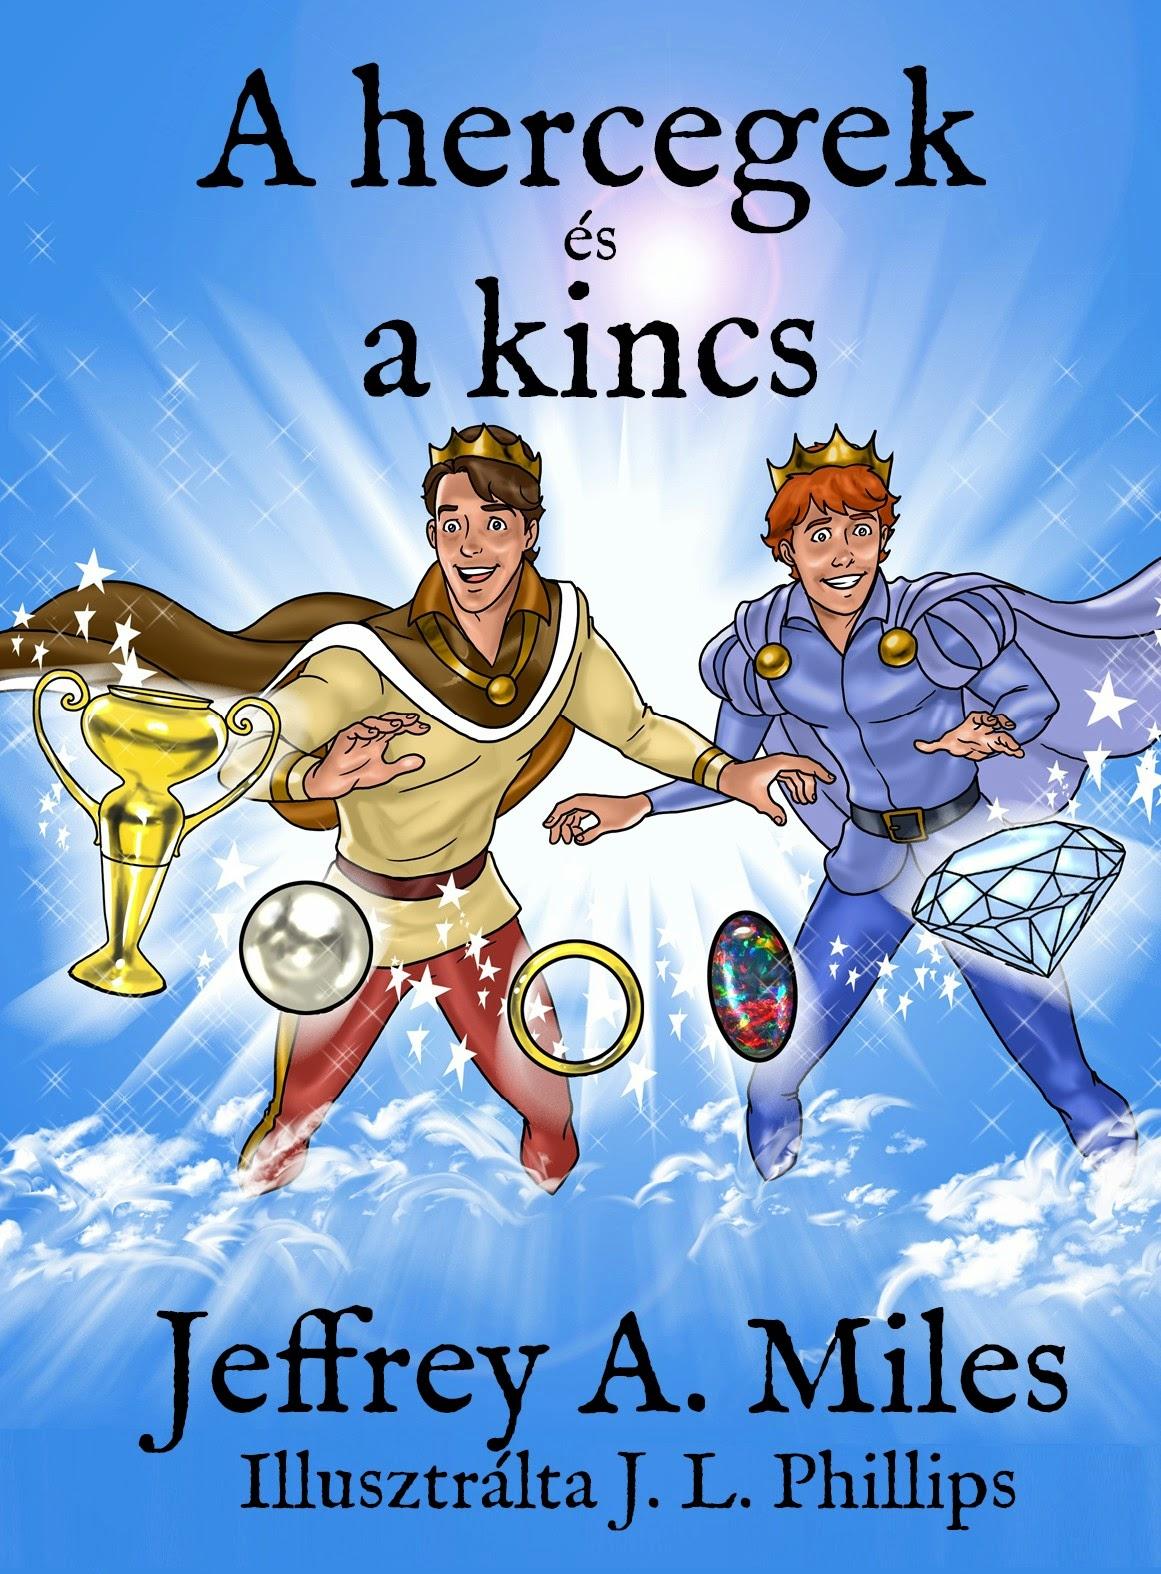 homoszexualitás, buzilobbi, meleg-jogok, Jeffrey A. Miles, The Princes and the Treasure, A hercegek és a kincs, mese, könyv, gyermekirodalom,